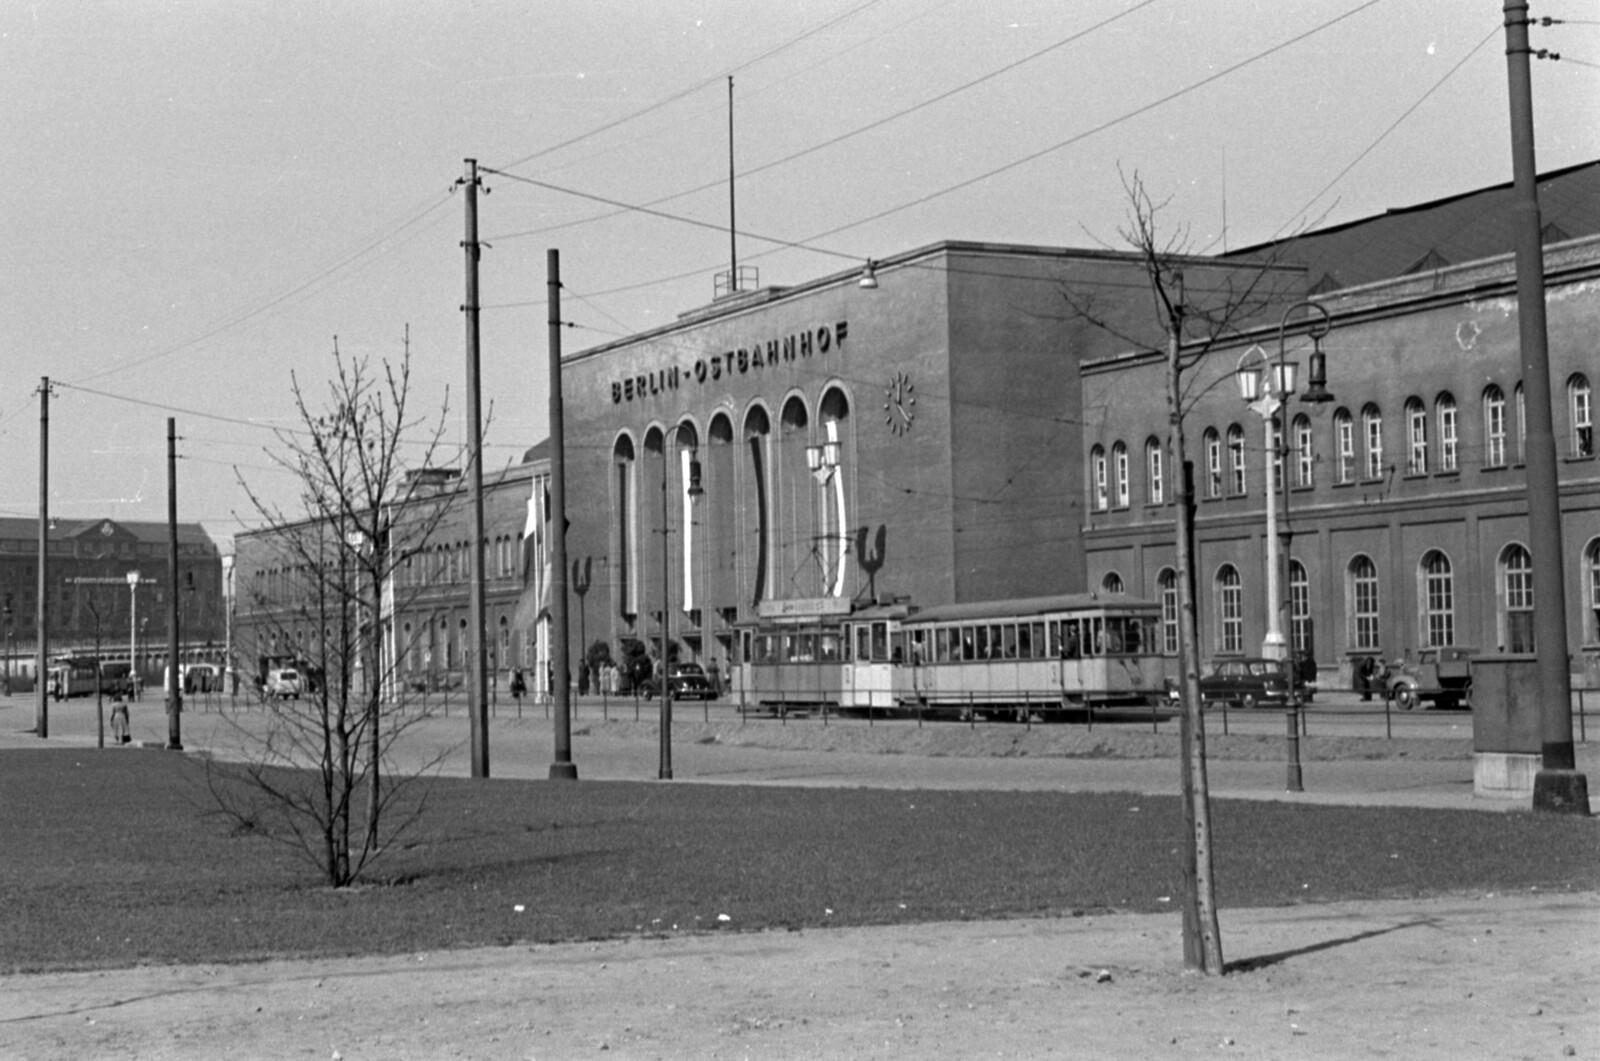 12. 1957. Восточный Берлин, Остбанхоф